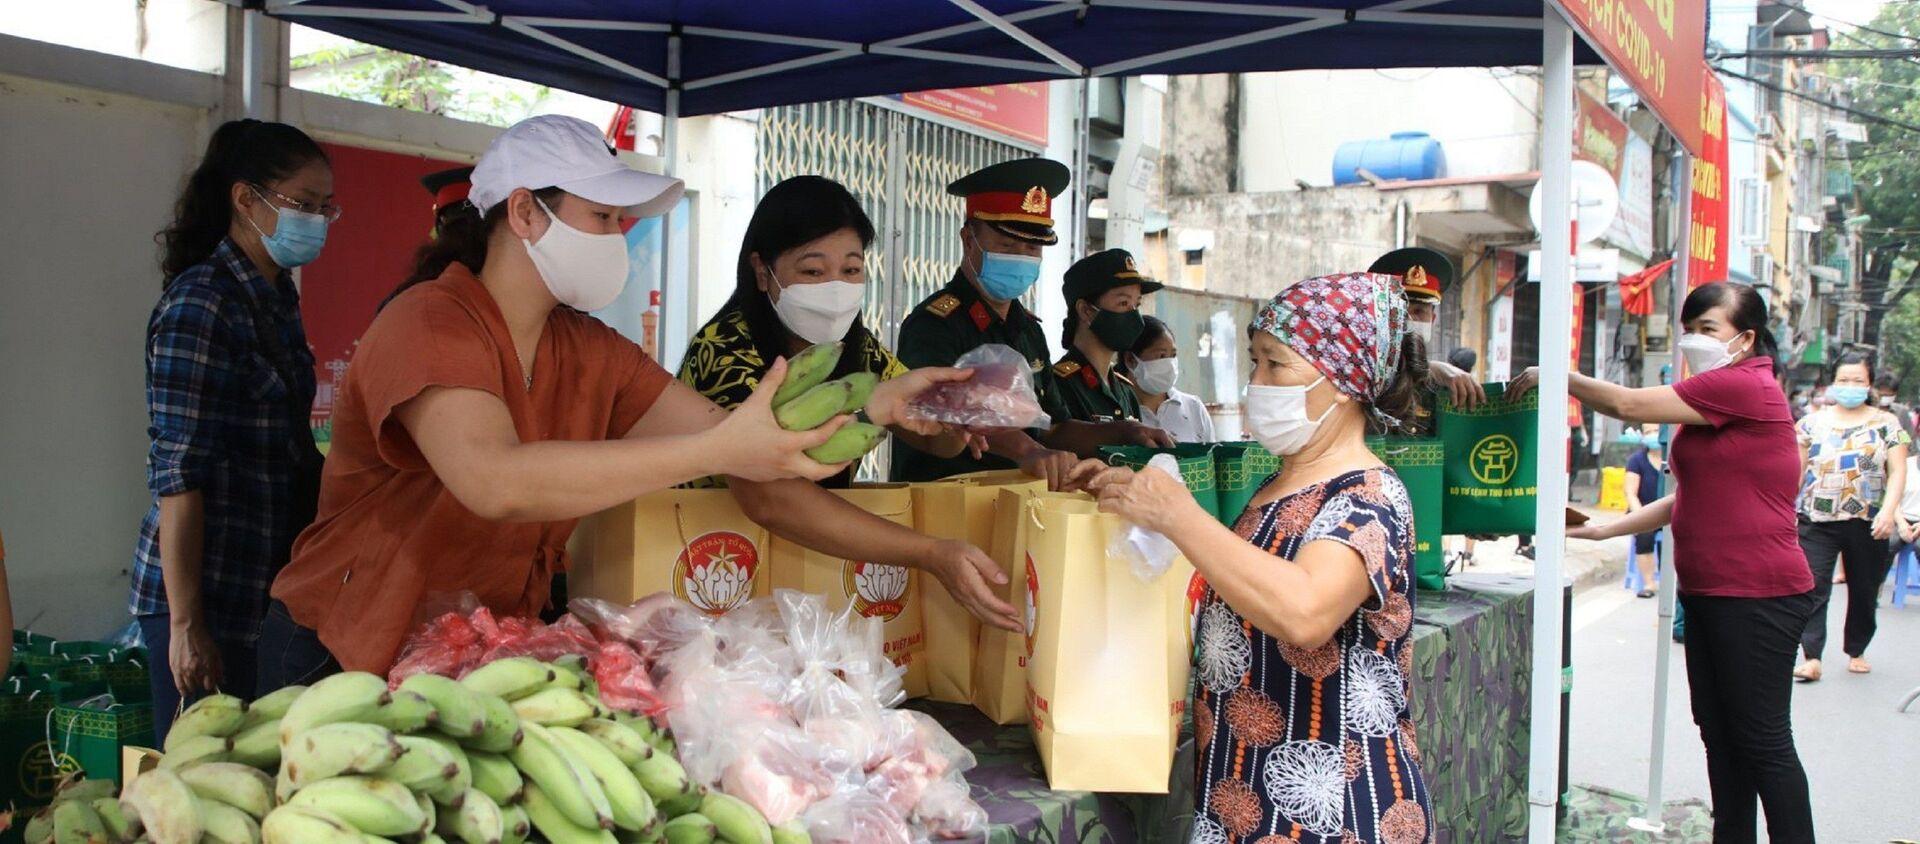 Trao quà hỗ trợ cho người dân tại Chợ 0 đồng - Sputnik Việt Nam, 1920, 14.08.2021